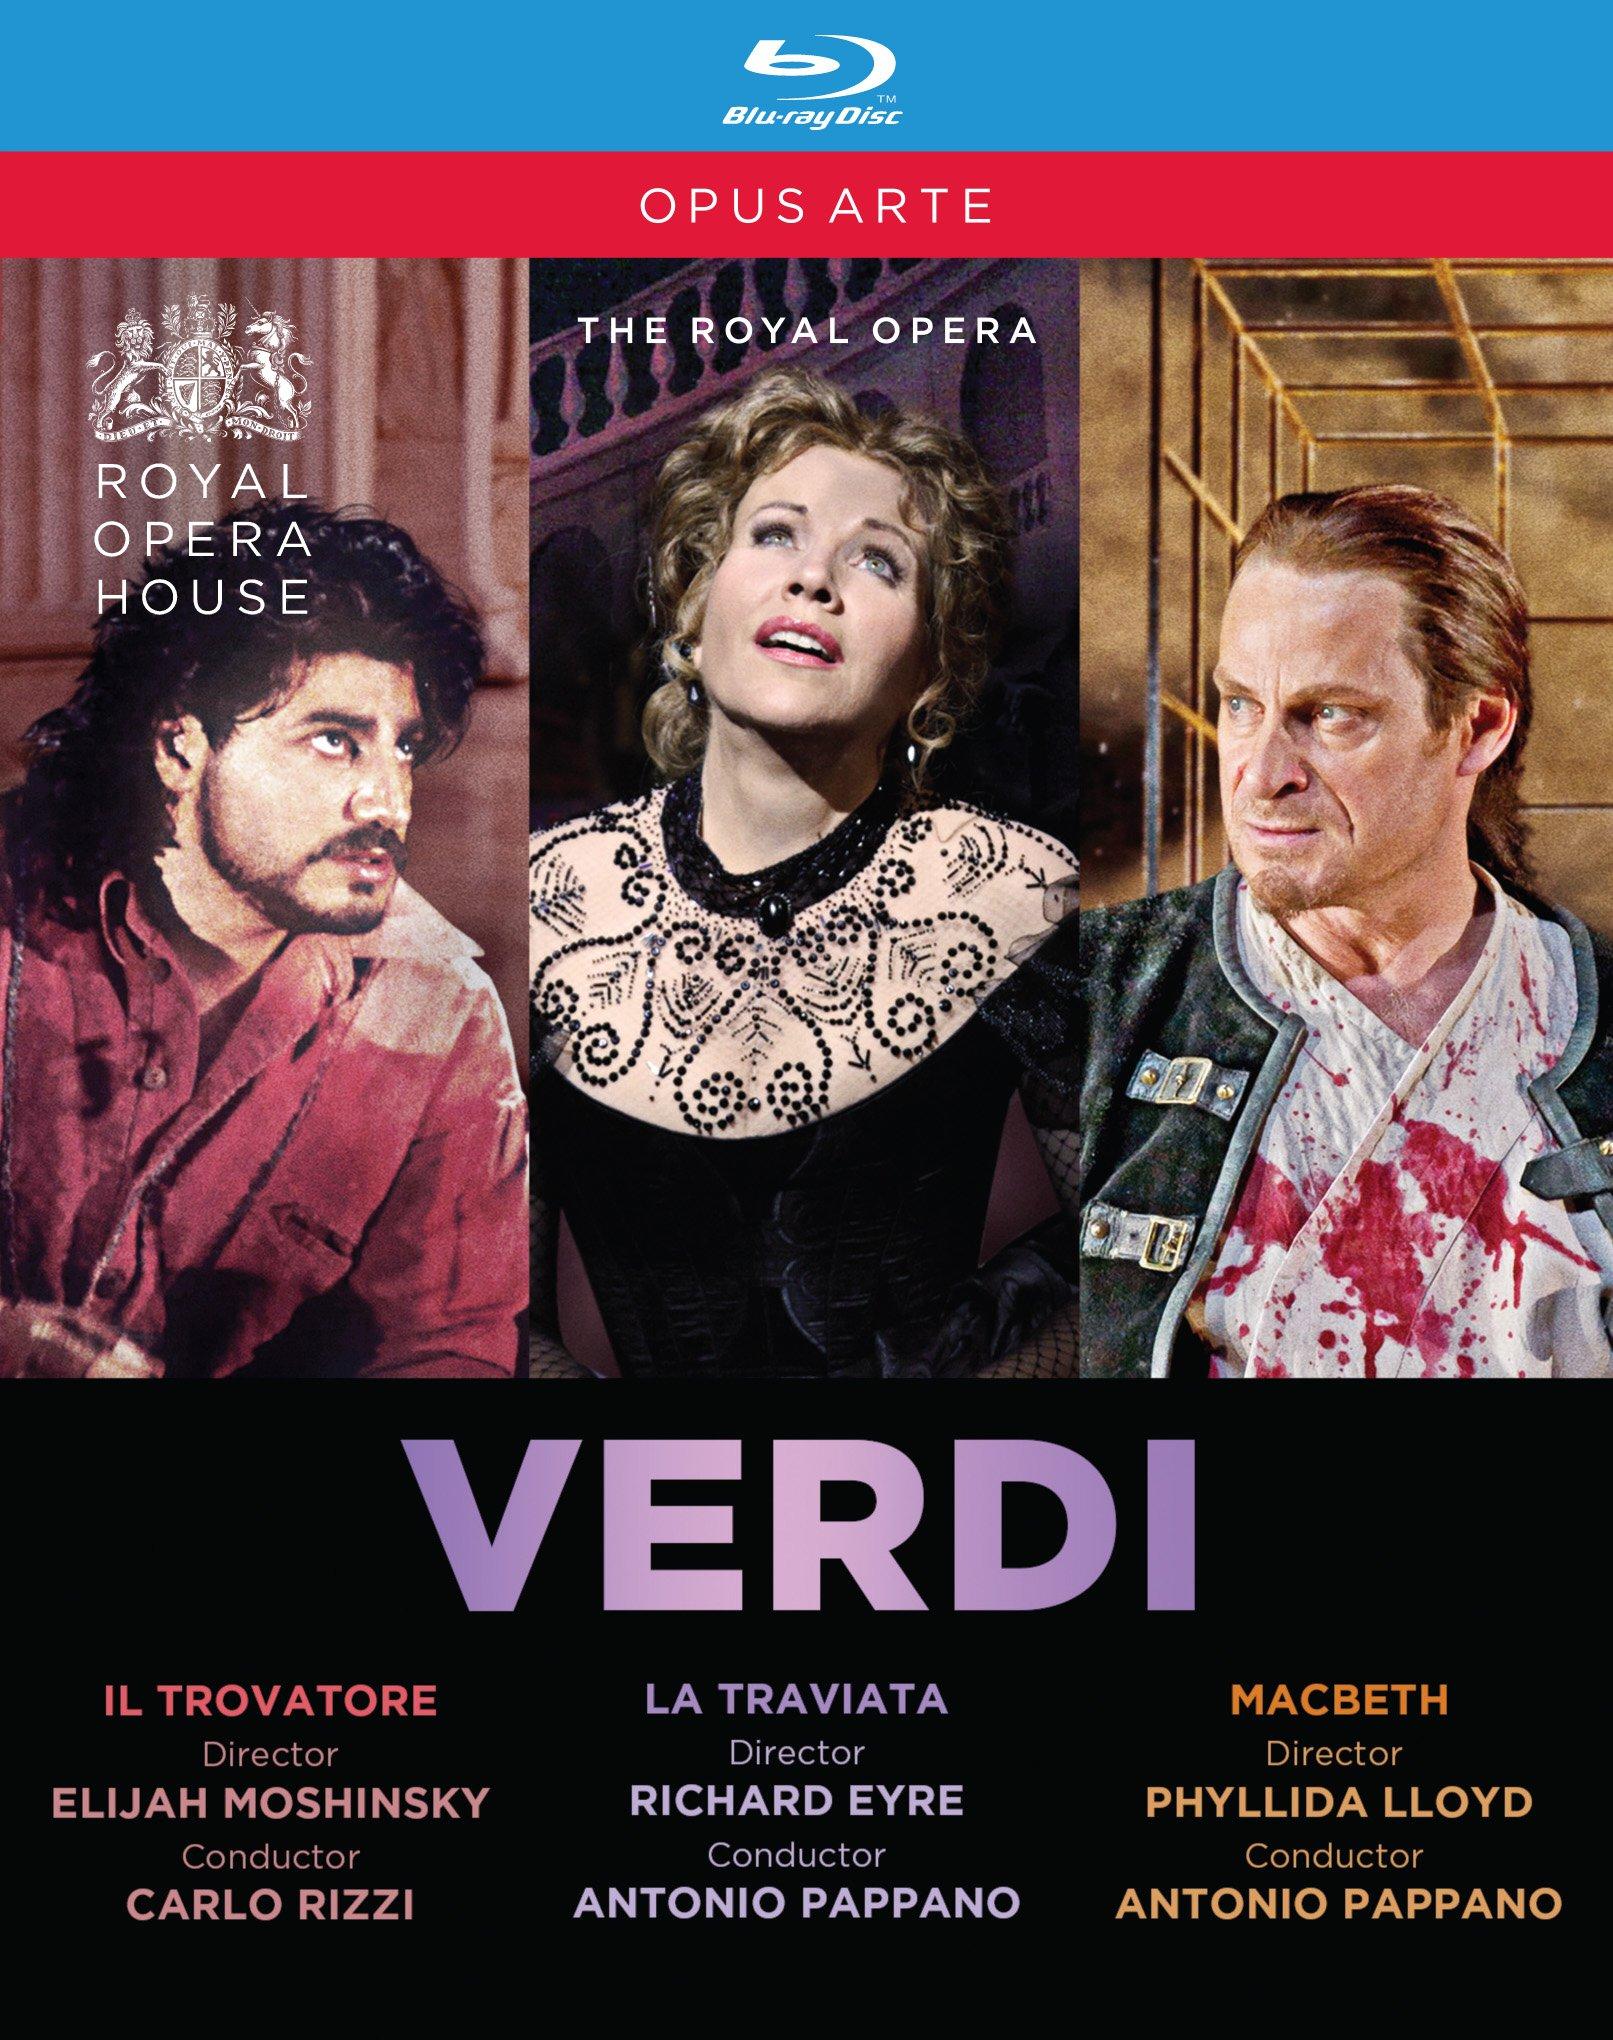 Verdi: Il Trovatore / La Traviata / Macbeth (3PC)